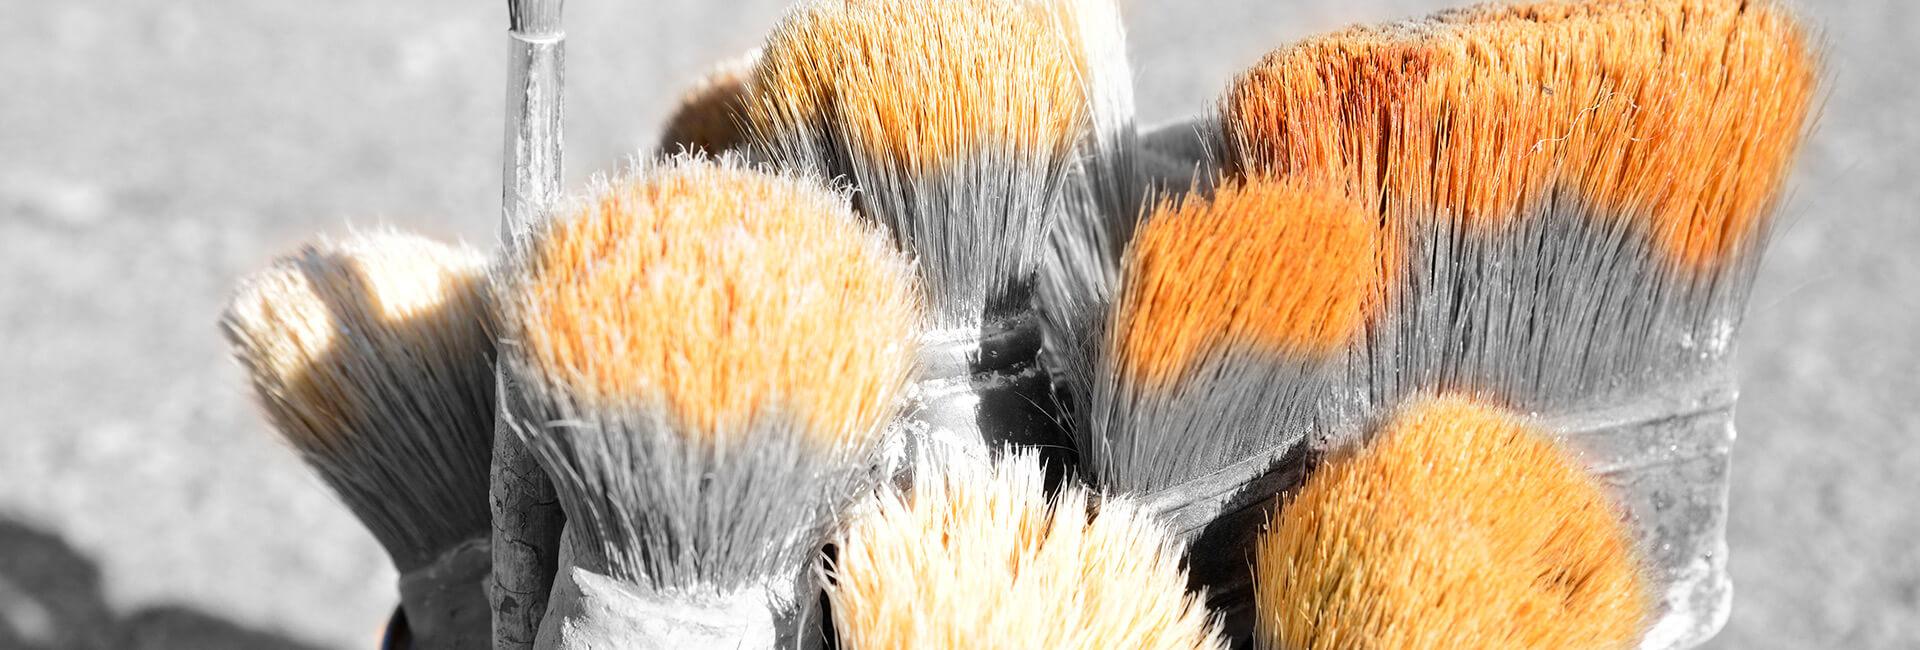 martin-pintures-b-12